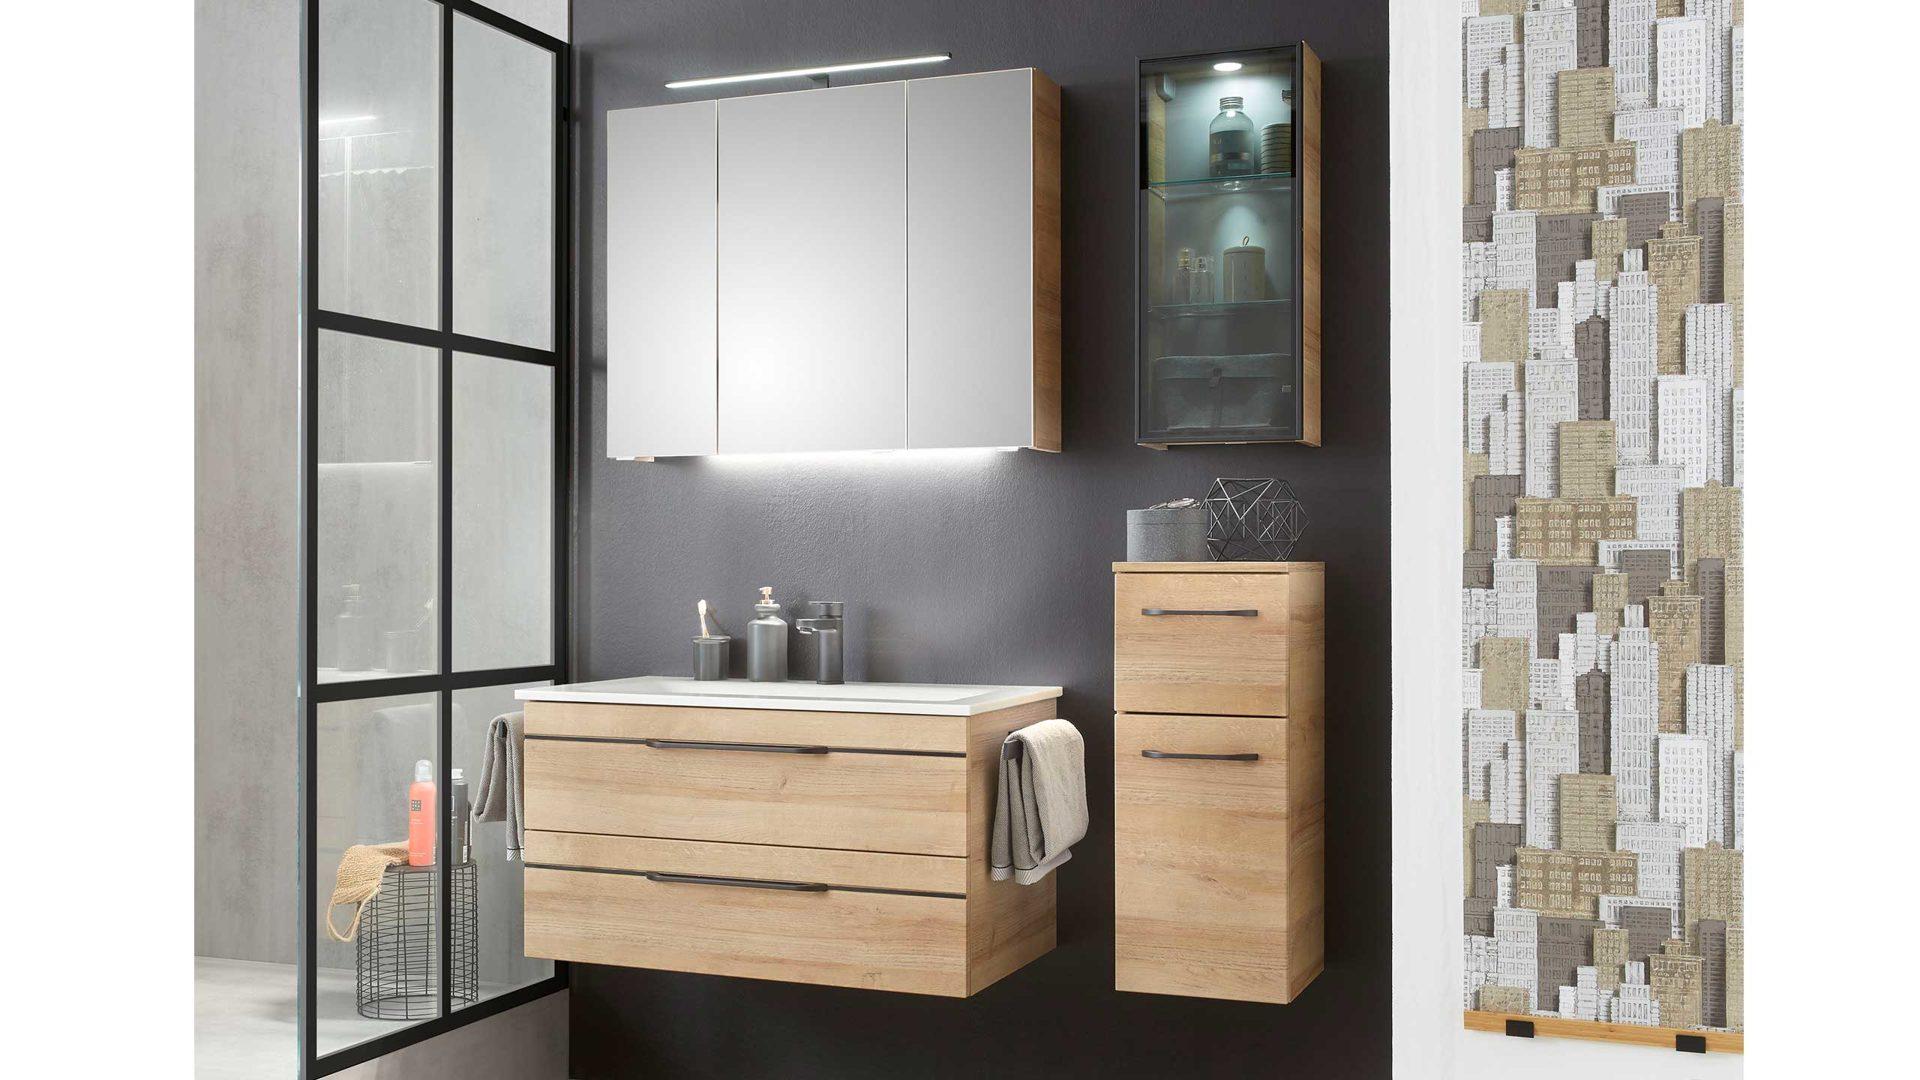 Bad Kombination BALTO Spiegelschrank, Waschbecken , Unterschrank ...